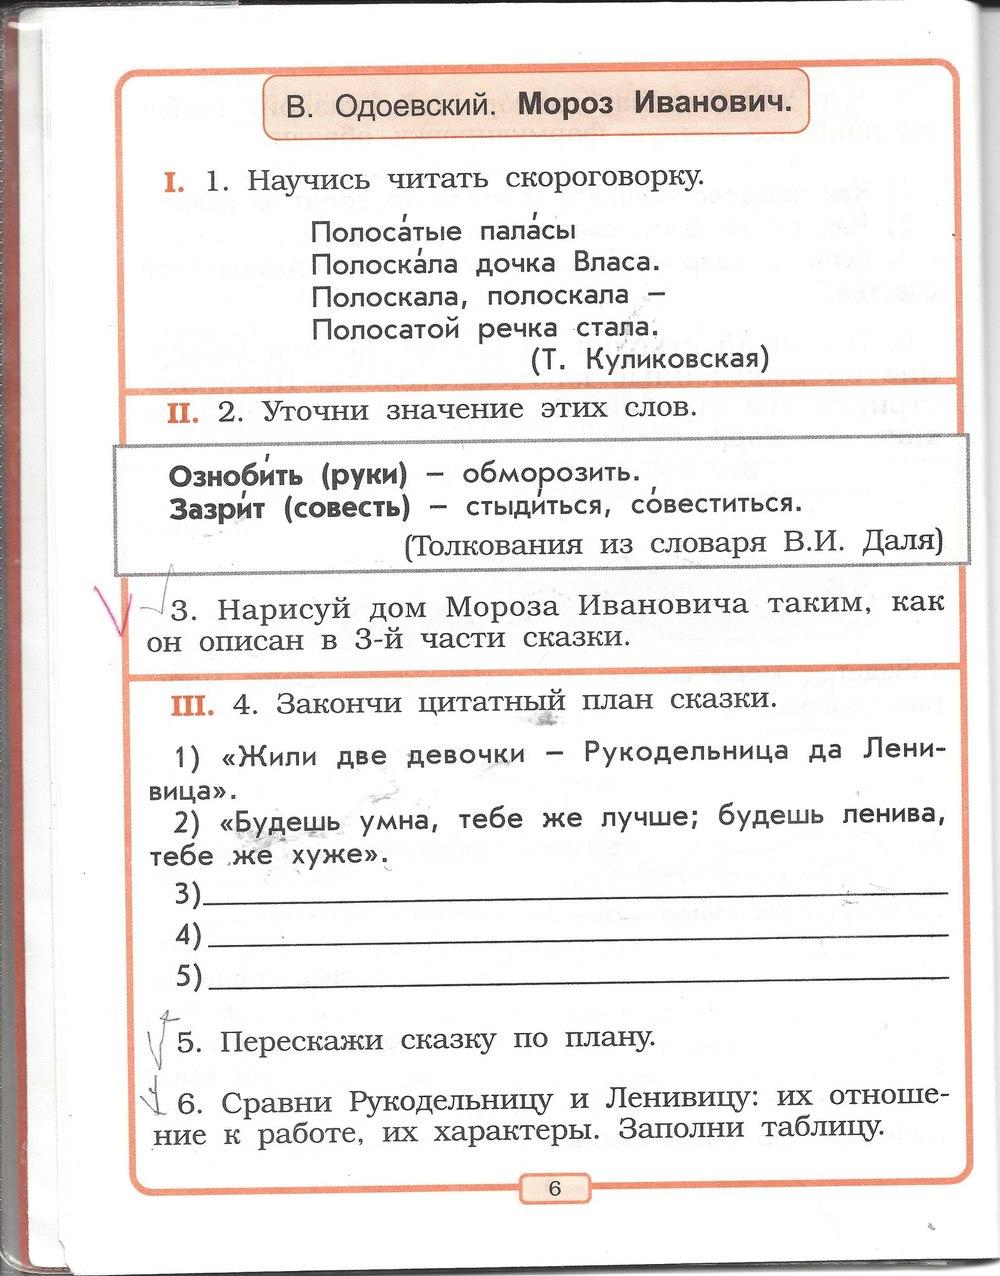 Гдз литературное чтение 2 класс рабочая тетрадь